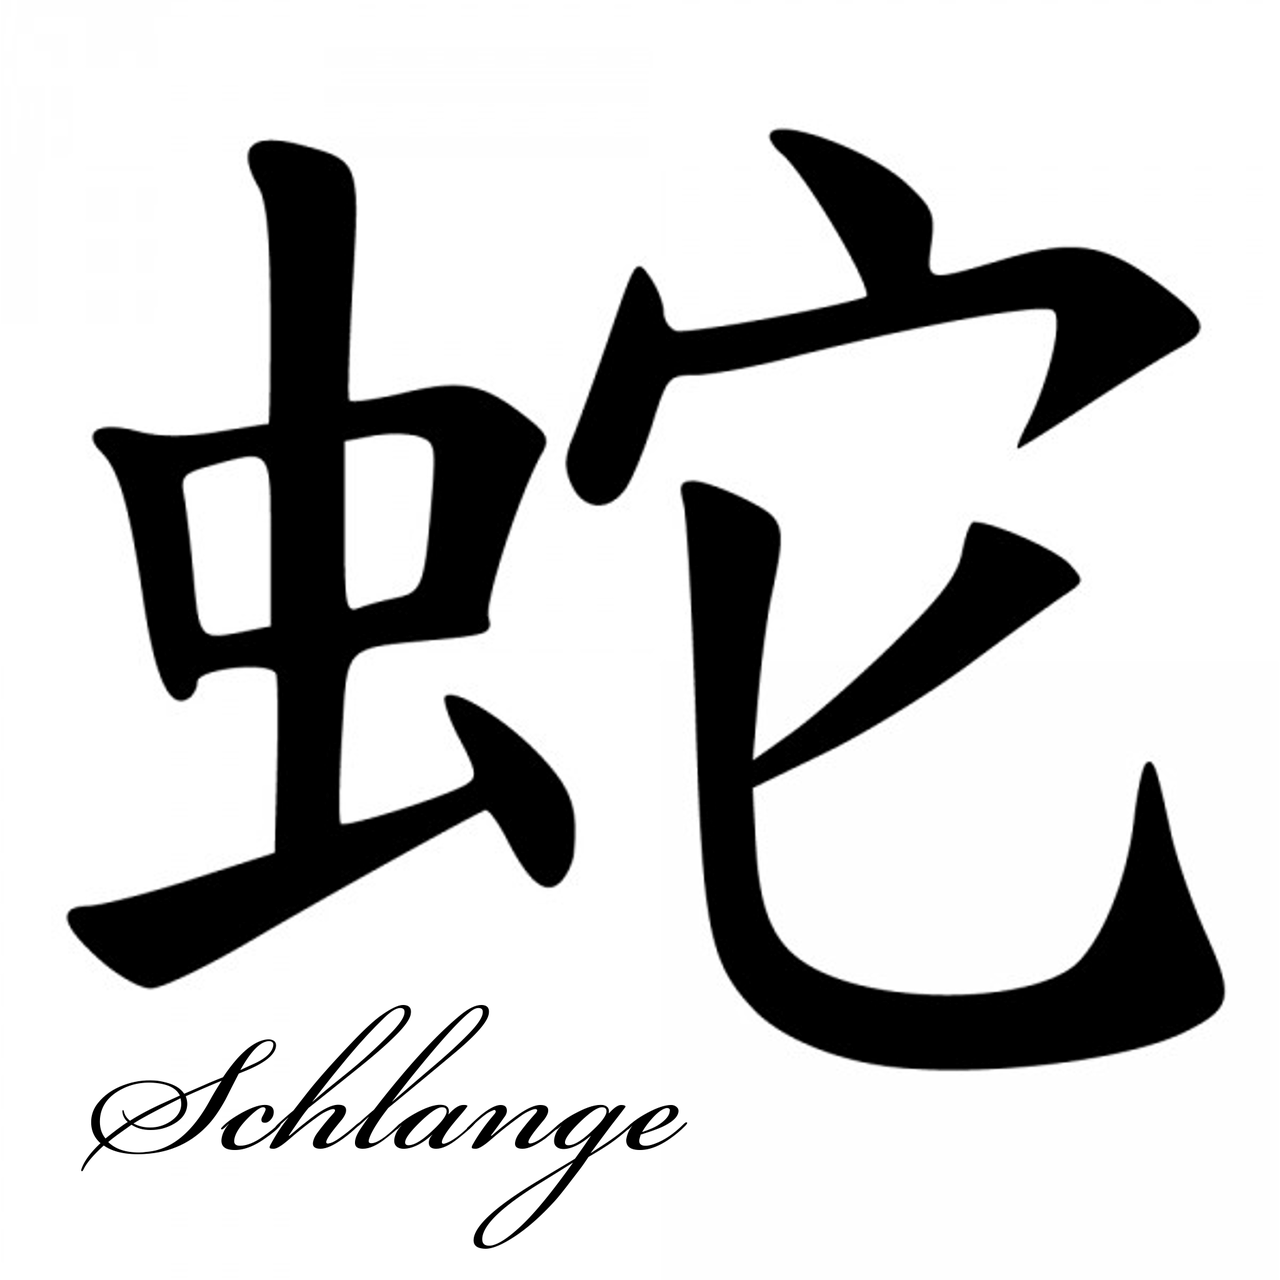 Chinesisches Sternzeichen Schlange - Kartenlegen99